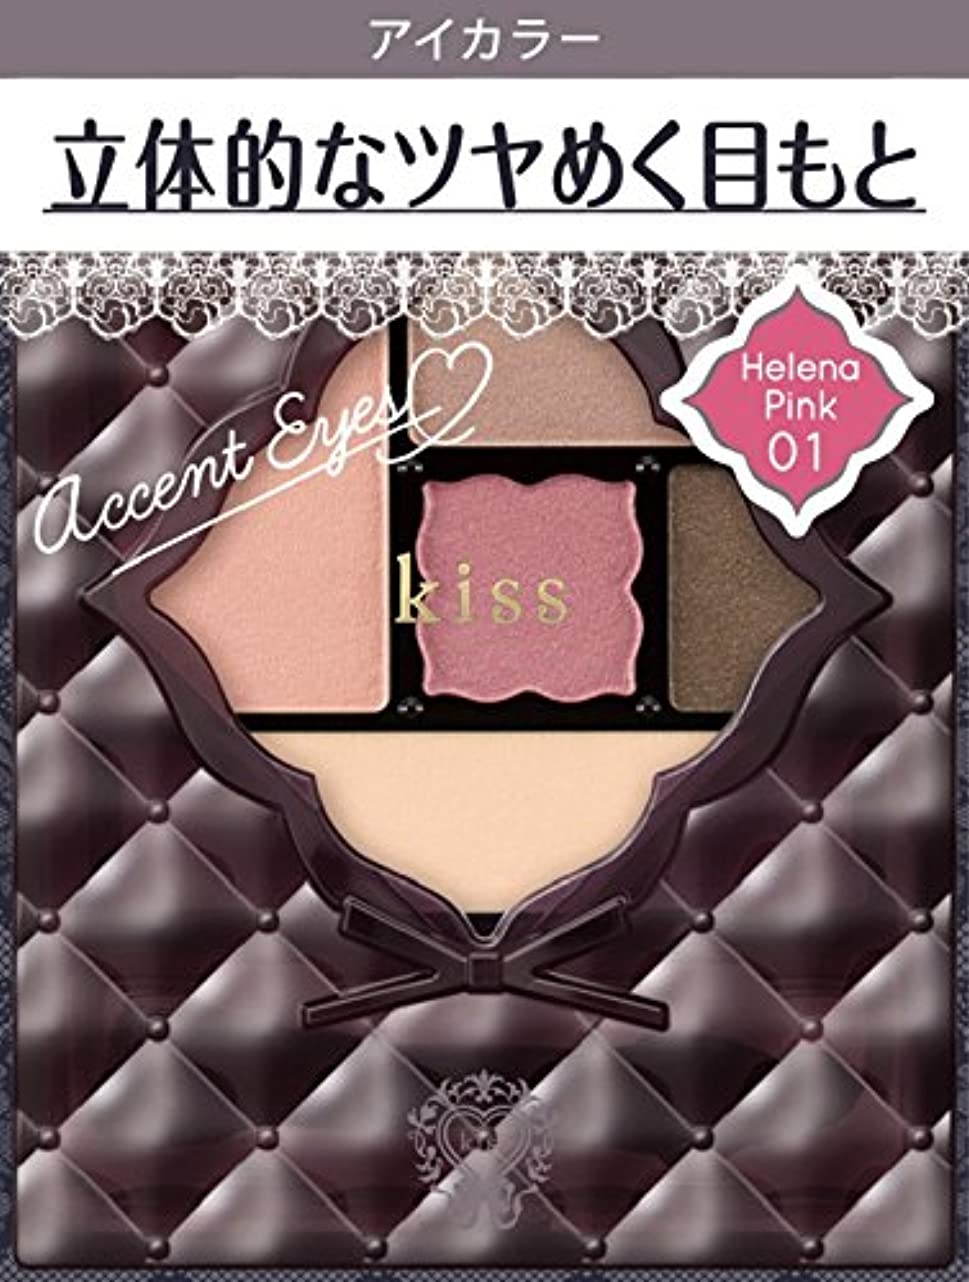 不正生活不愉快にキス アクセントアイズ01 ヘレネーピンク 3.5g